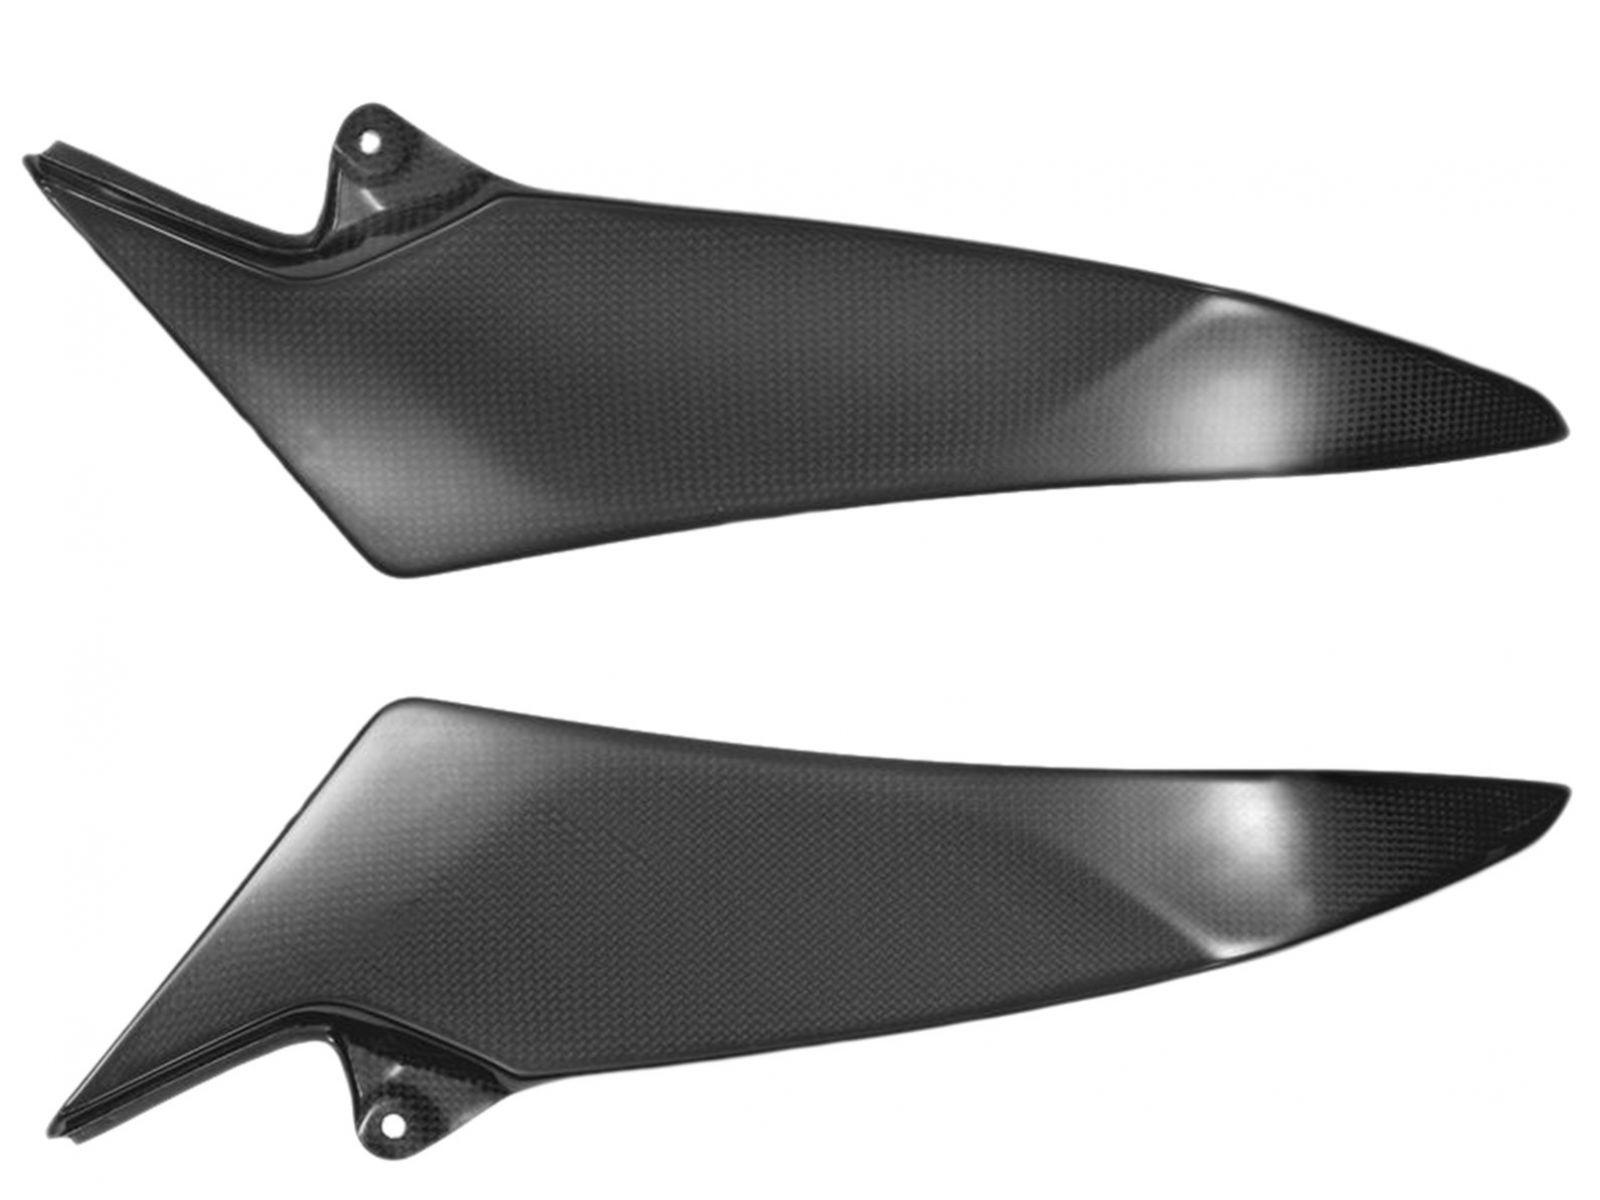 Накладки на бак Carbonin для Yamaha YZF R1 09-12